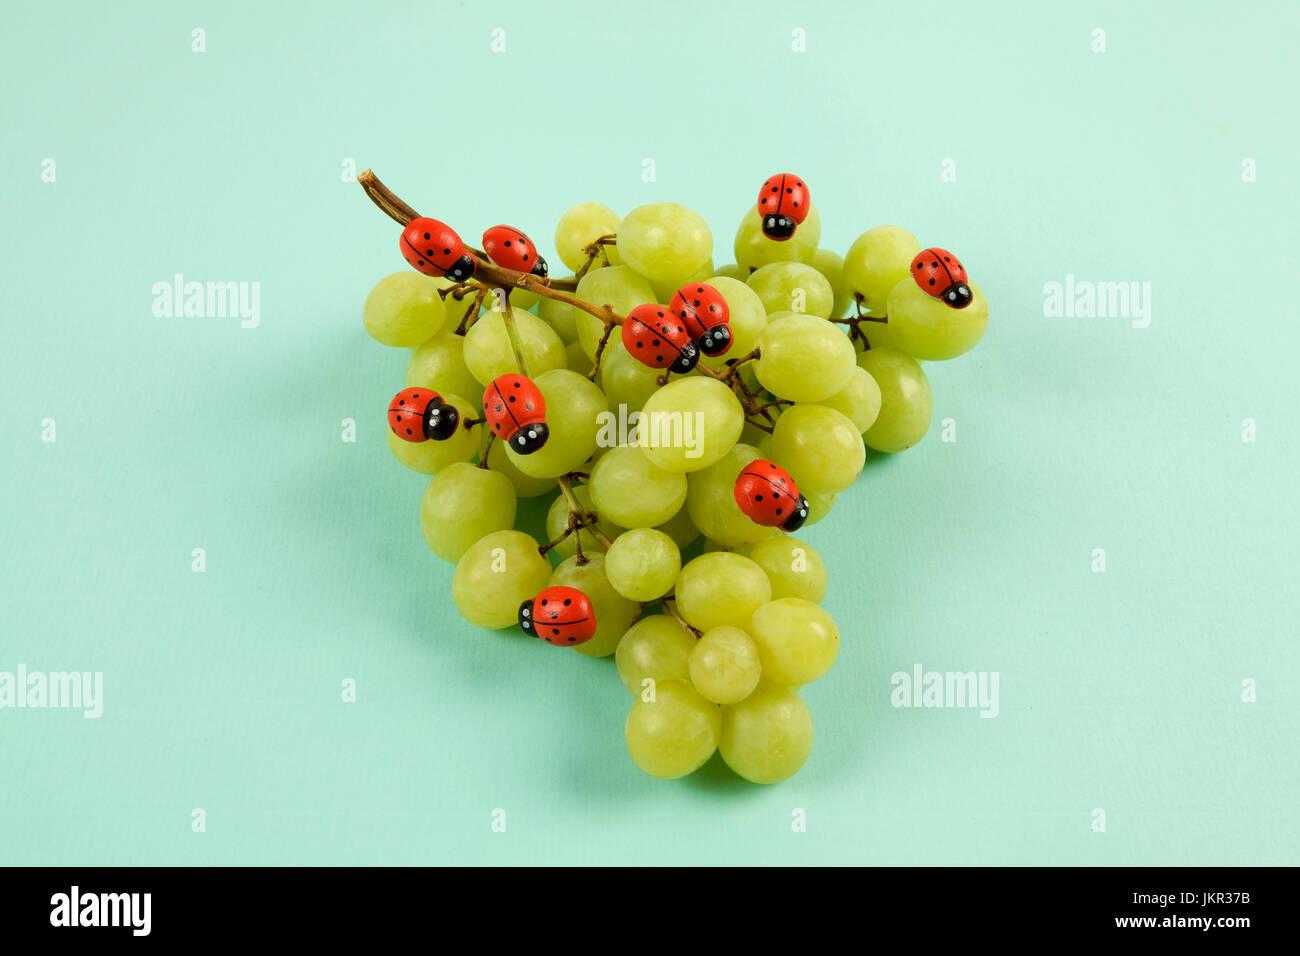 Invasion der Marienkäfer auf Weintraube. Vibrant Farbe Türkis oder violett Hintergrund. Minimalistisches Stockbild